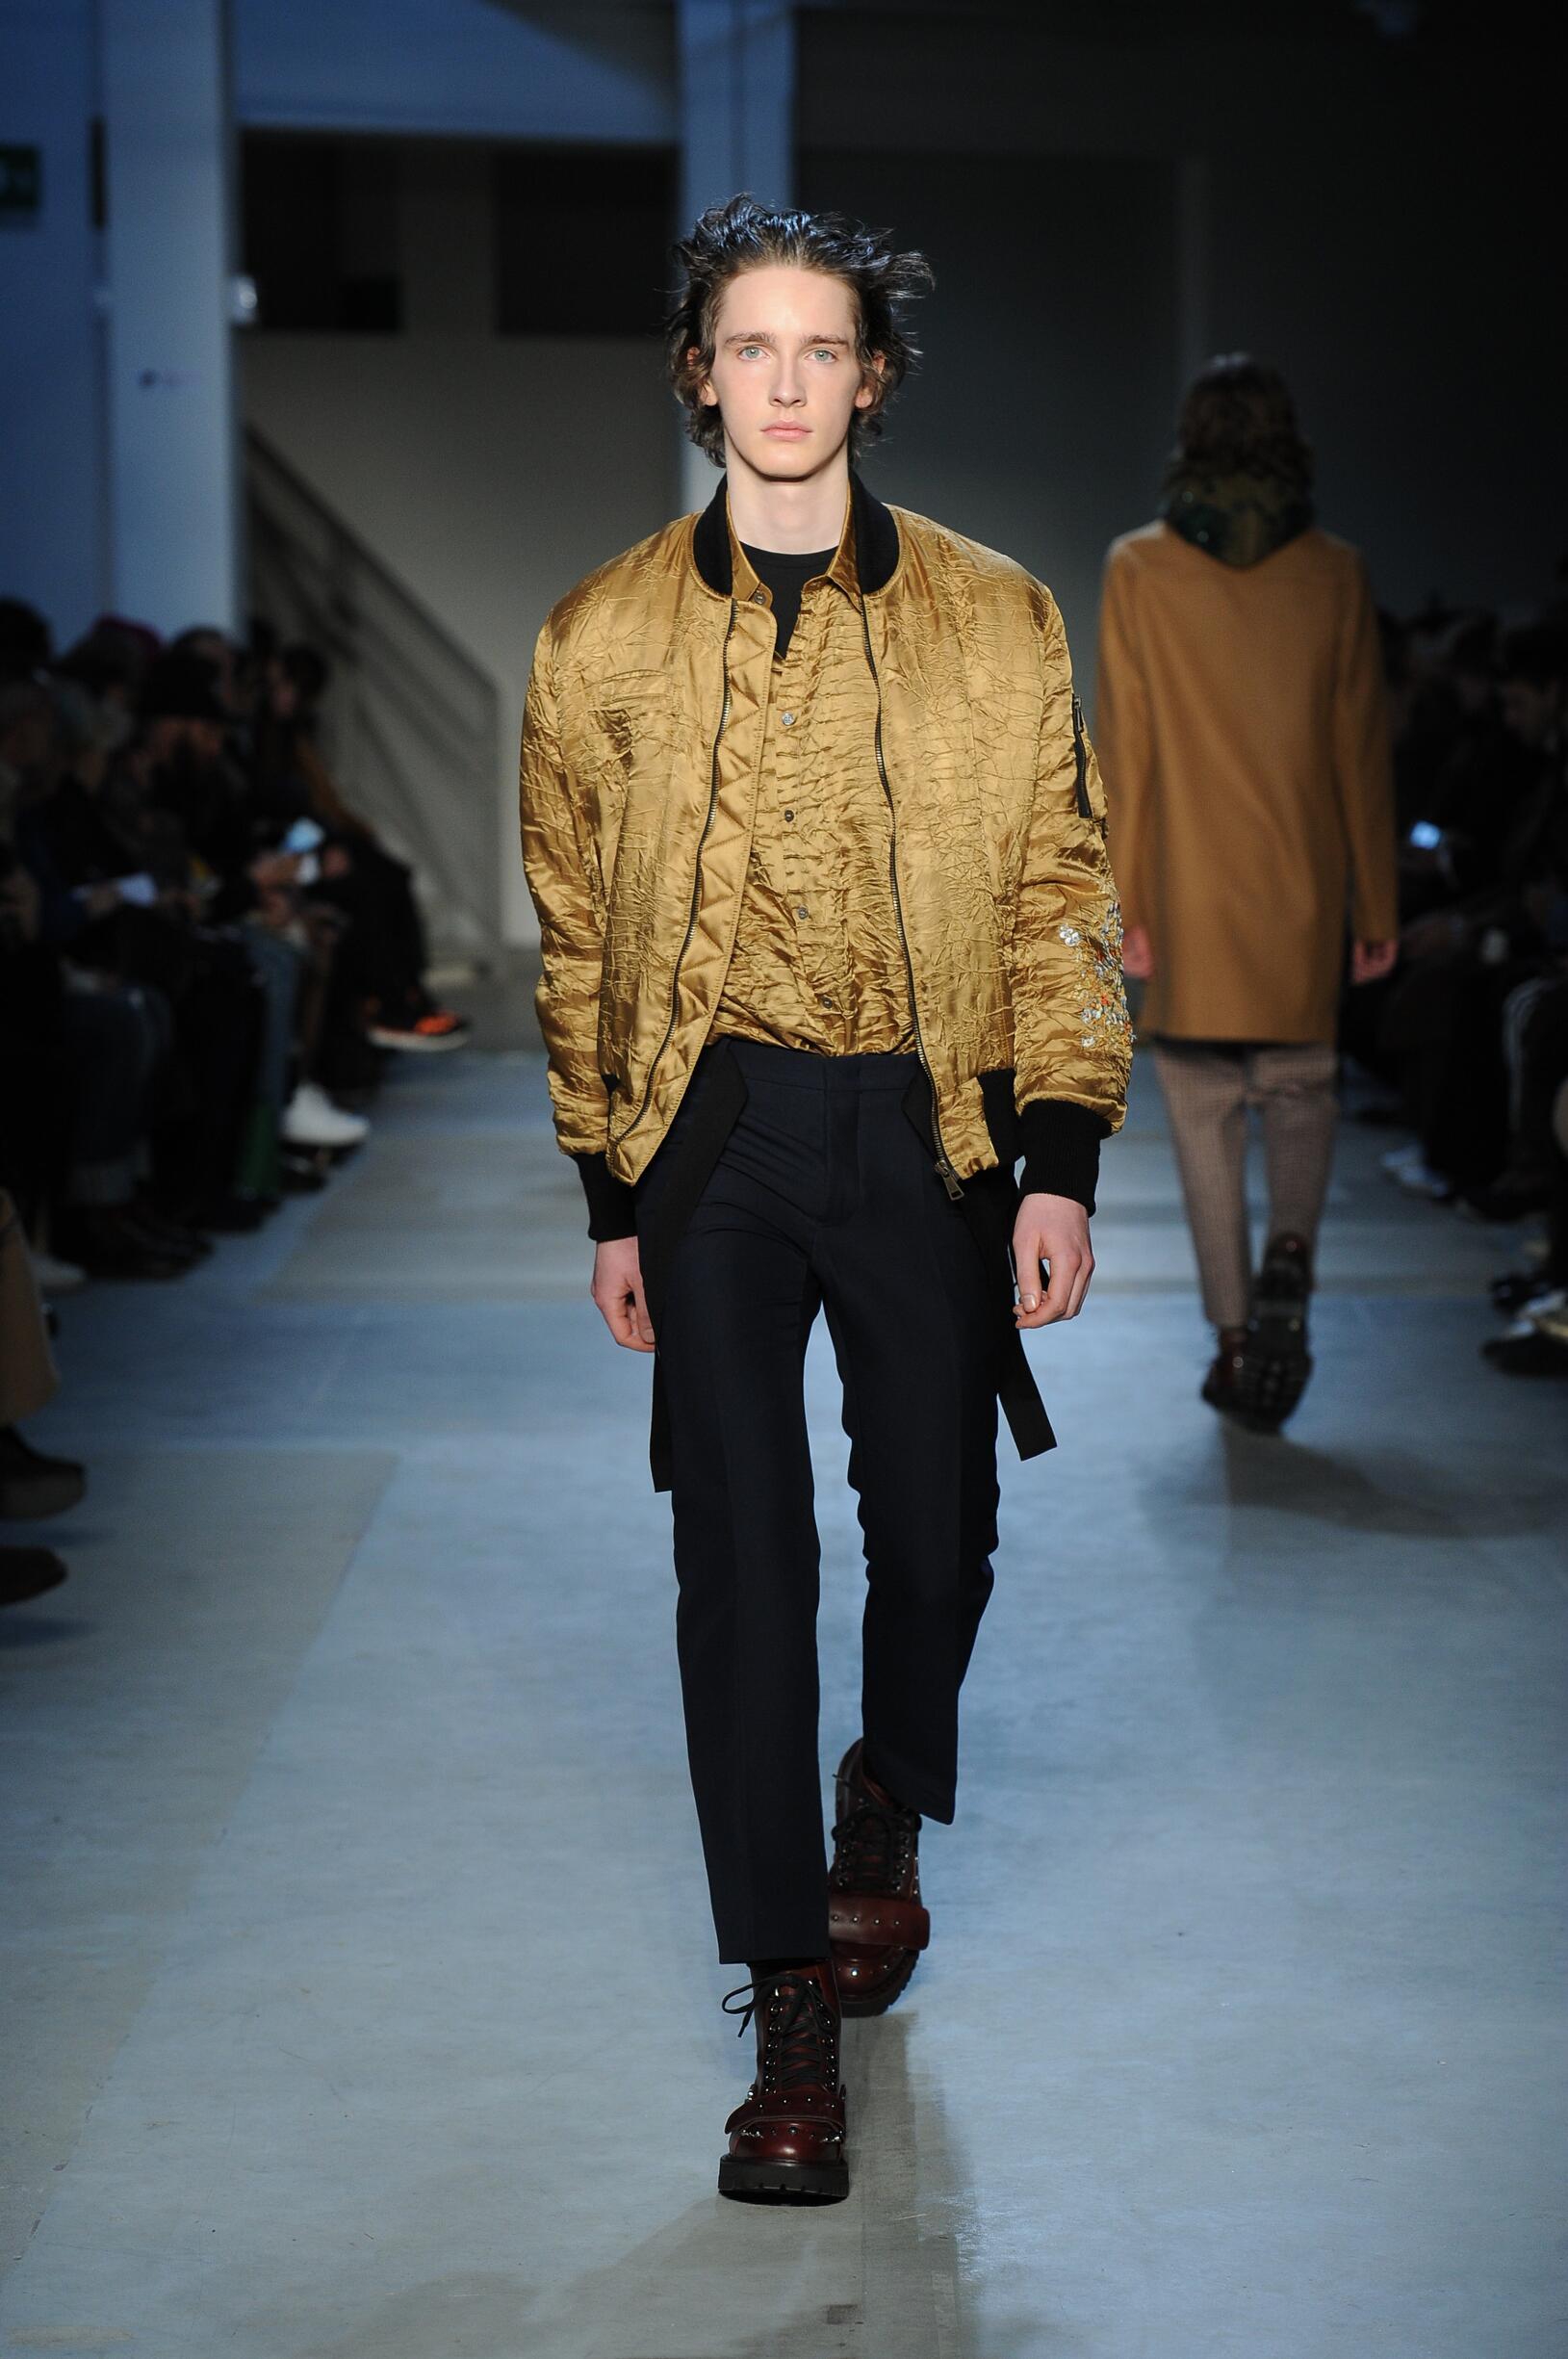 N°21 FW 2017 Menswear